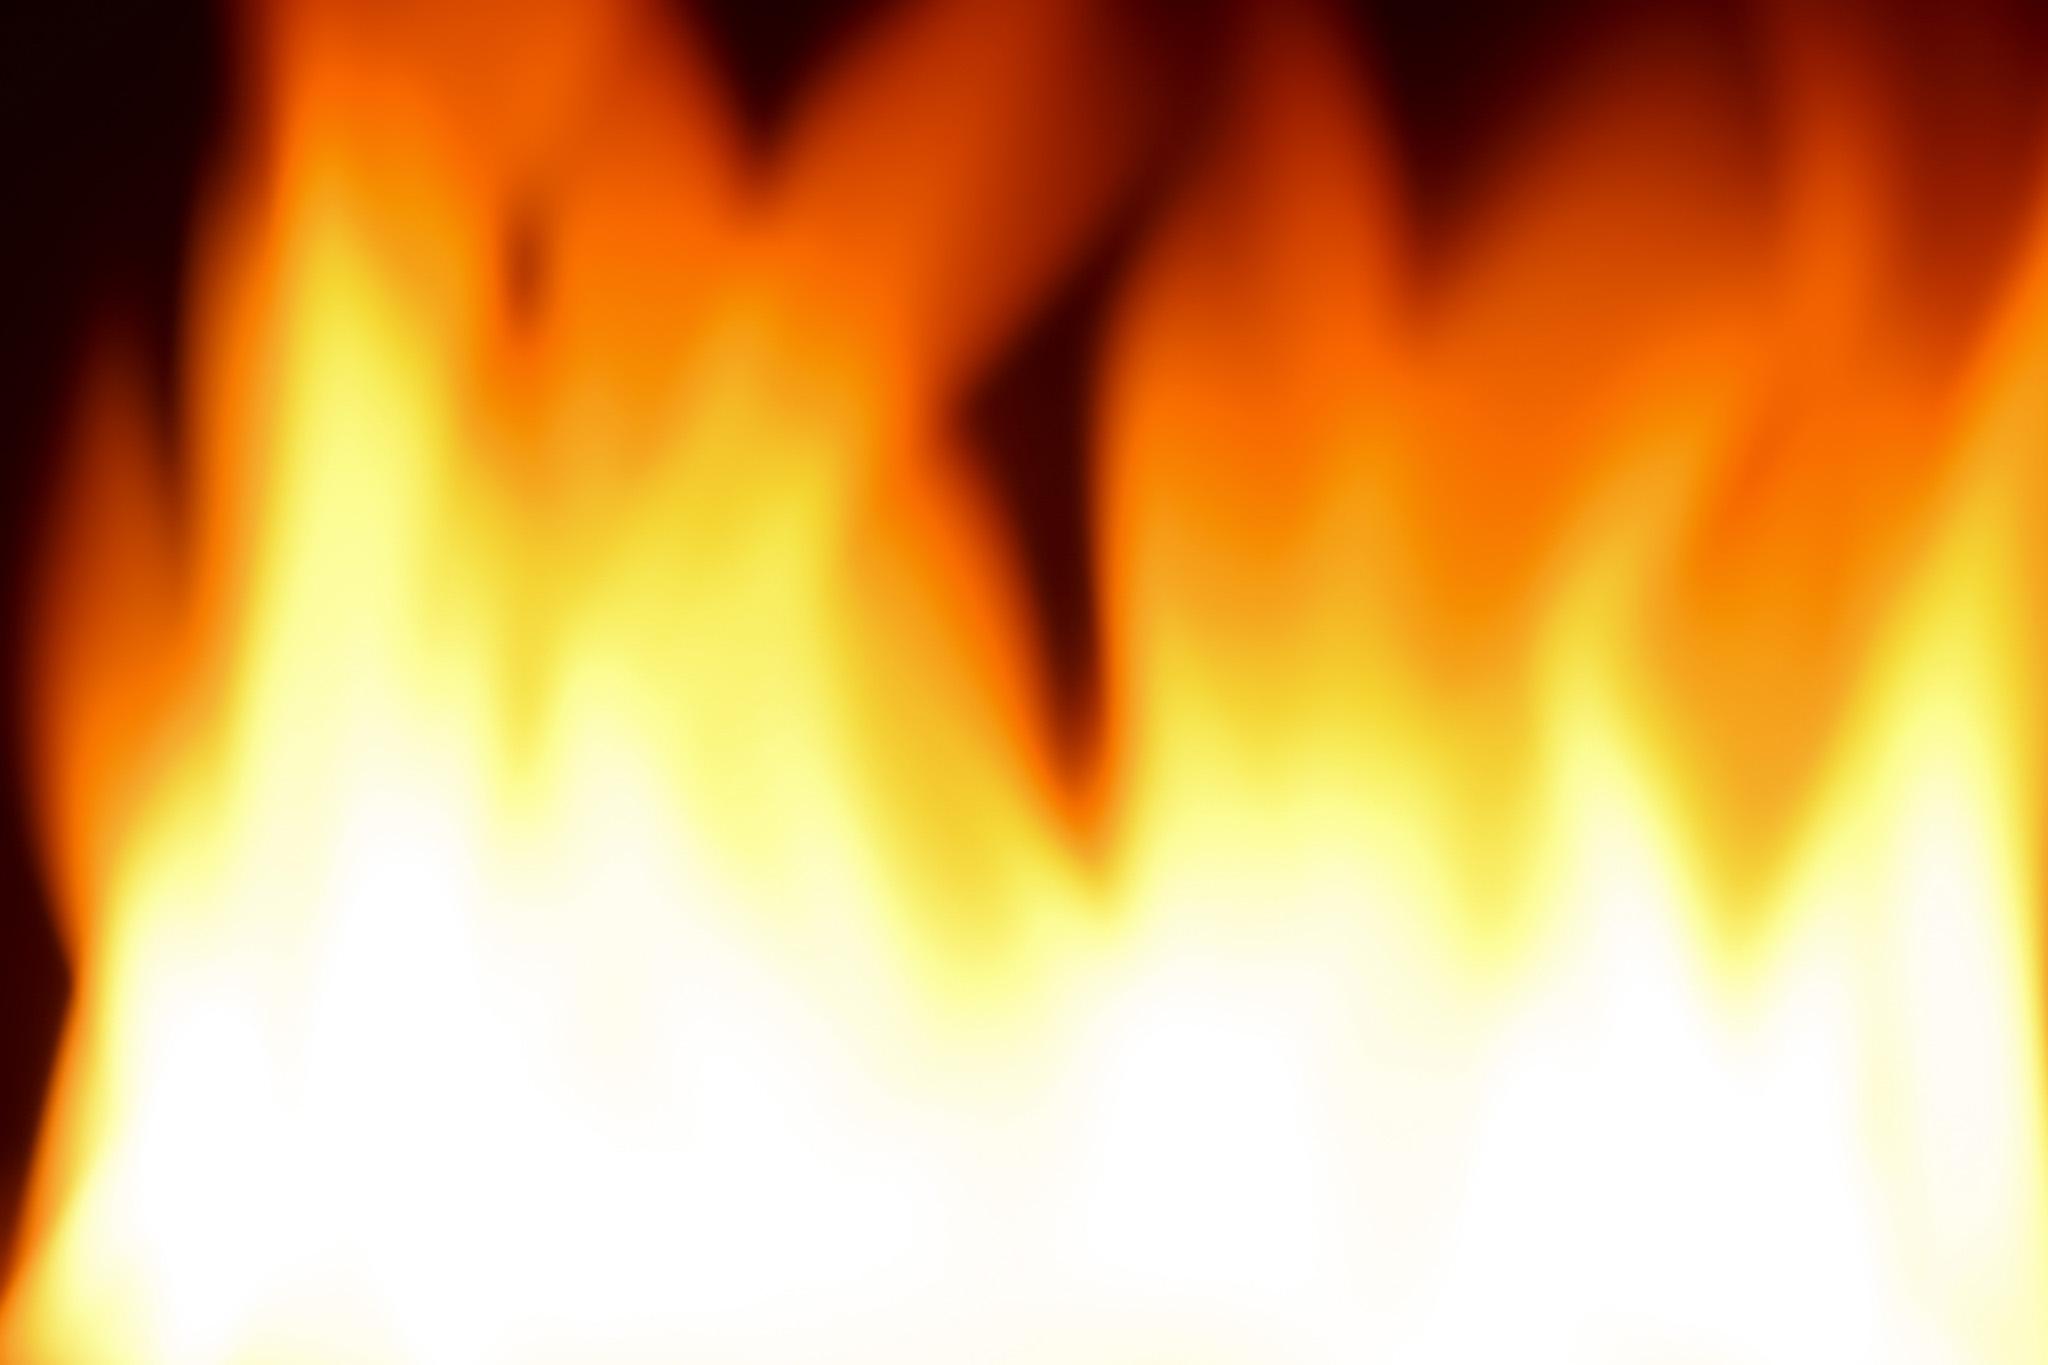 「暗闇に壁のよう阻む炎」